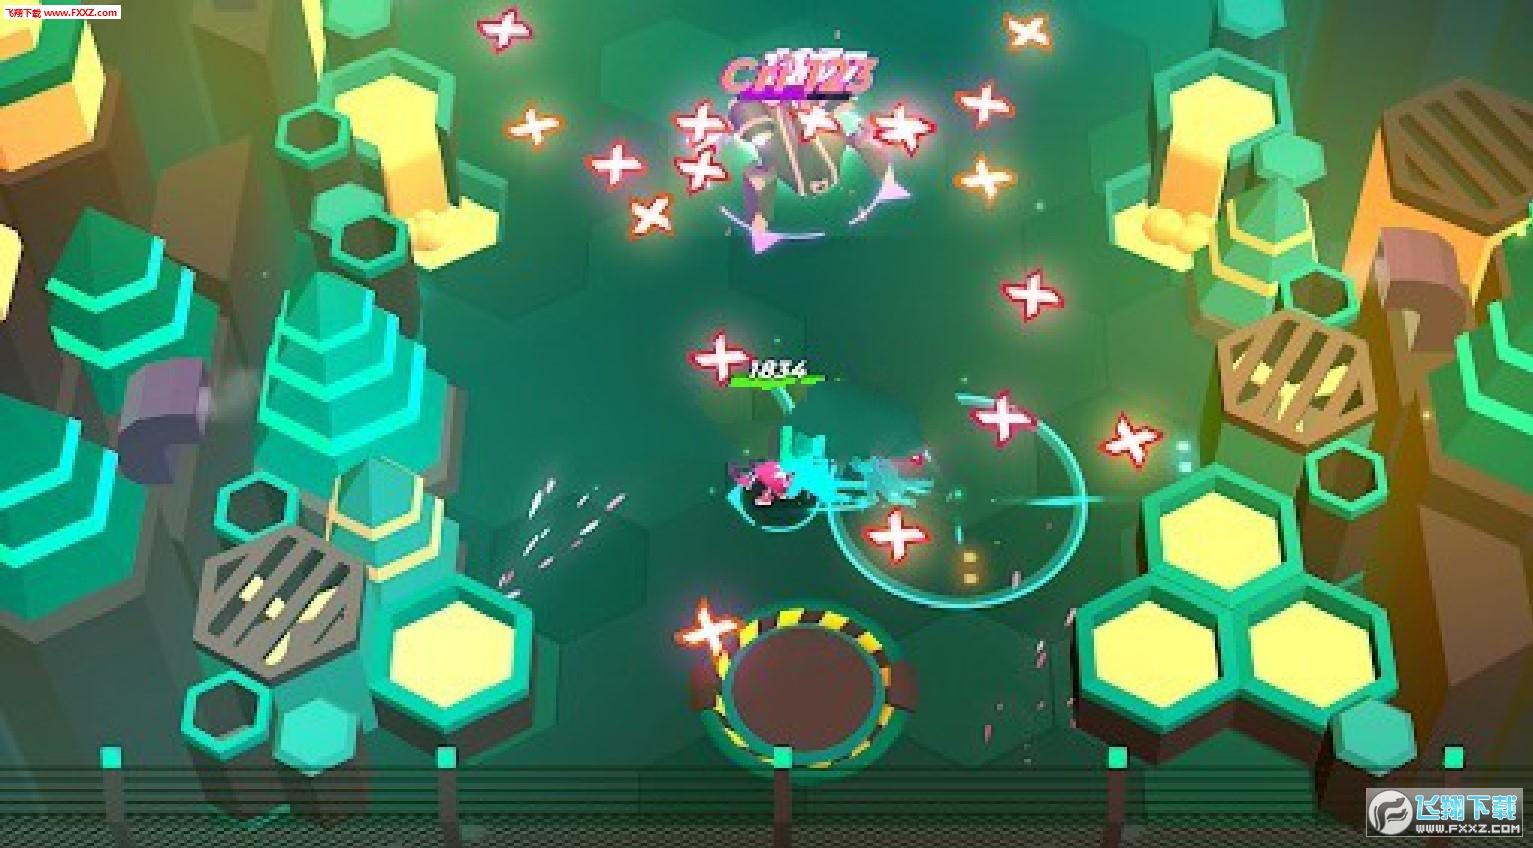 超级克隆人无限生命版1.0截图2